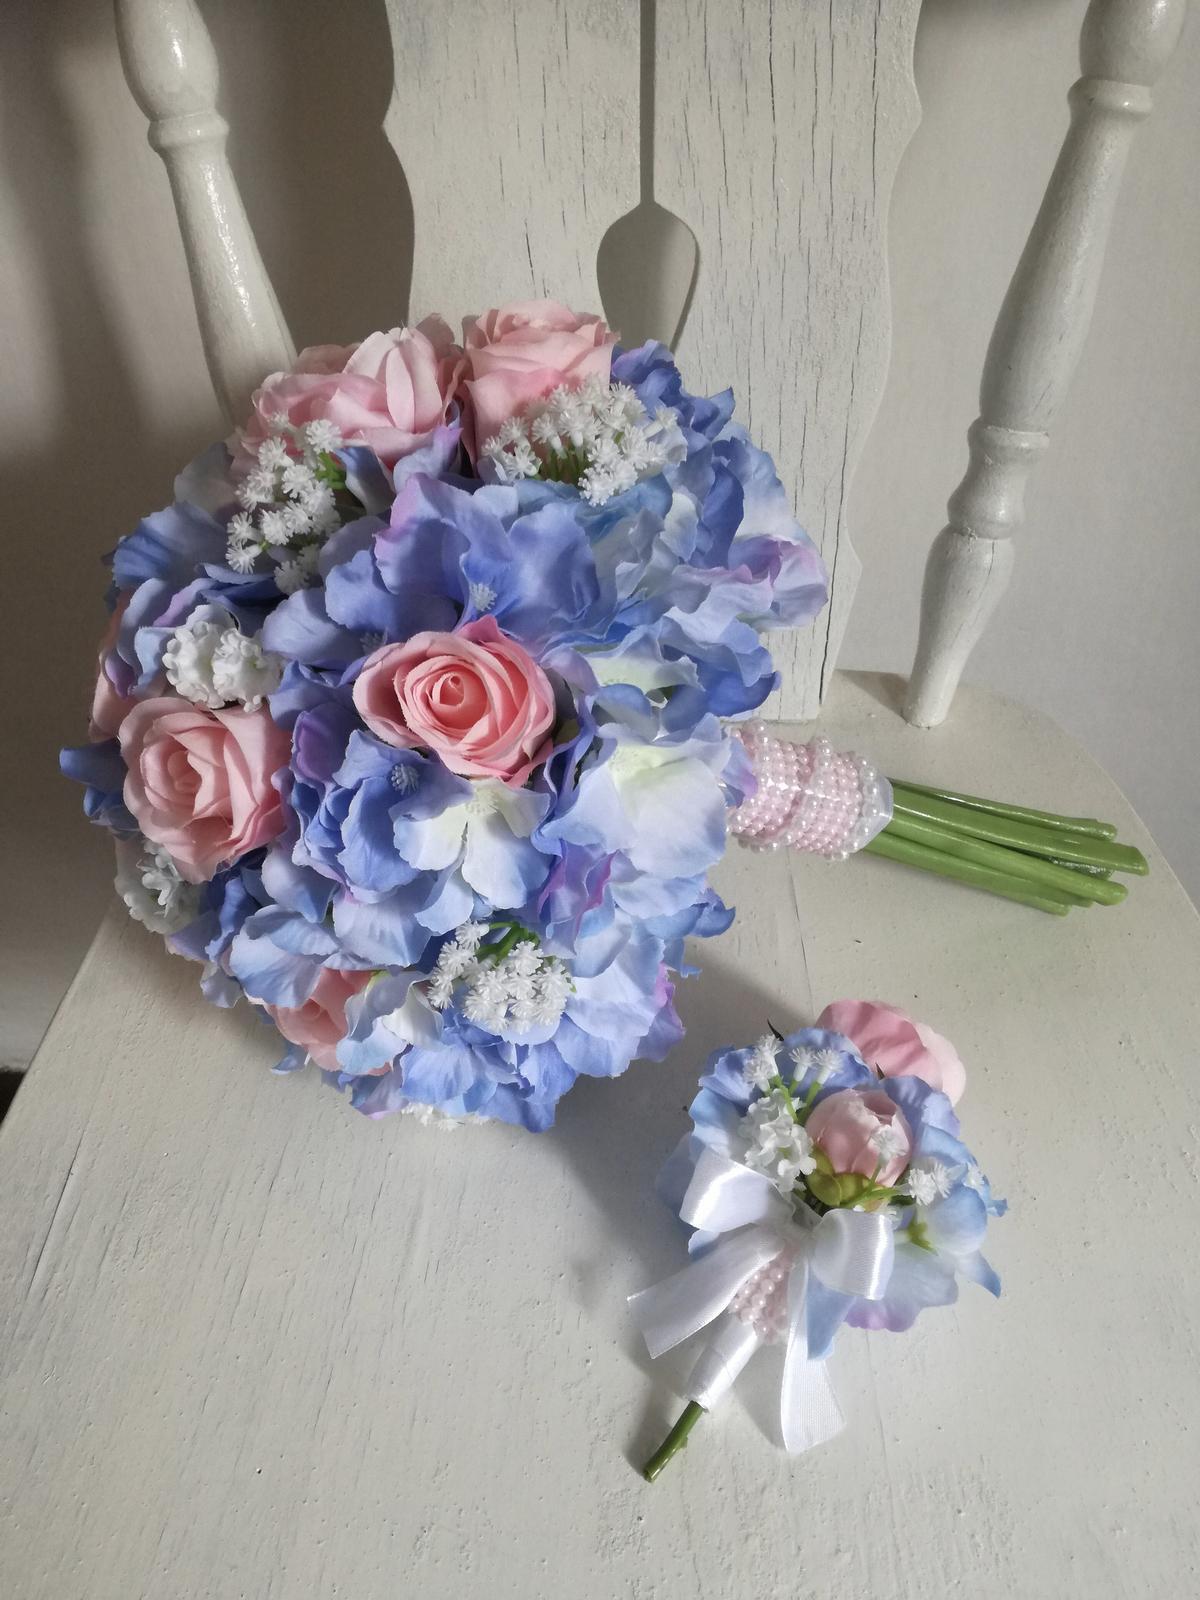 Z umelých kvetov - Obrázok č. 39